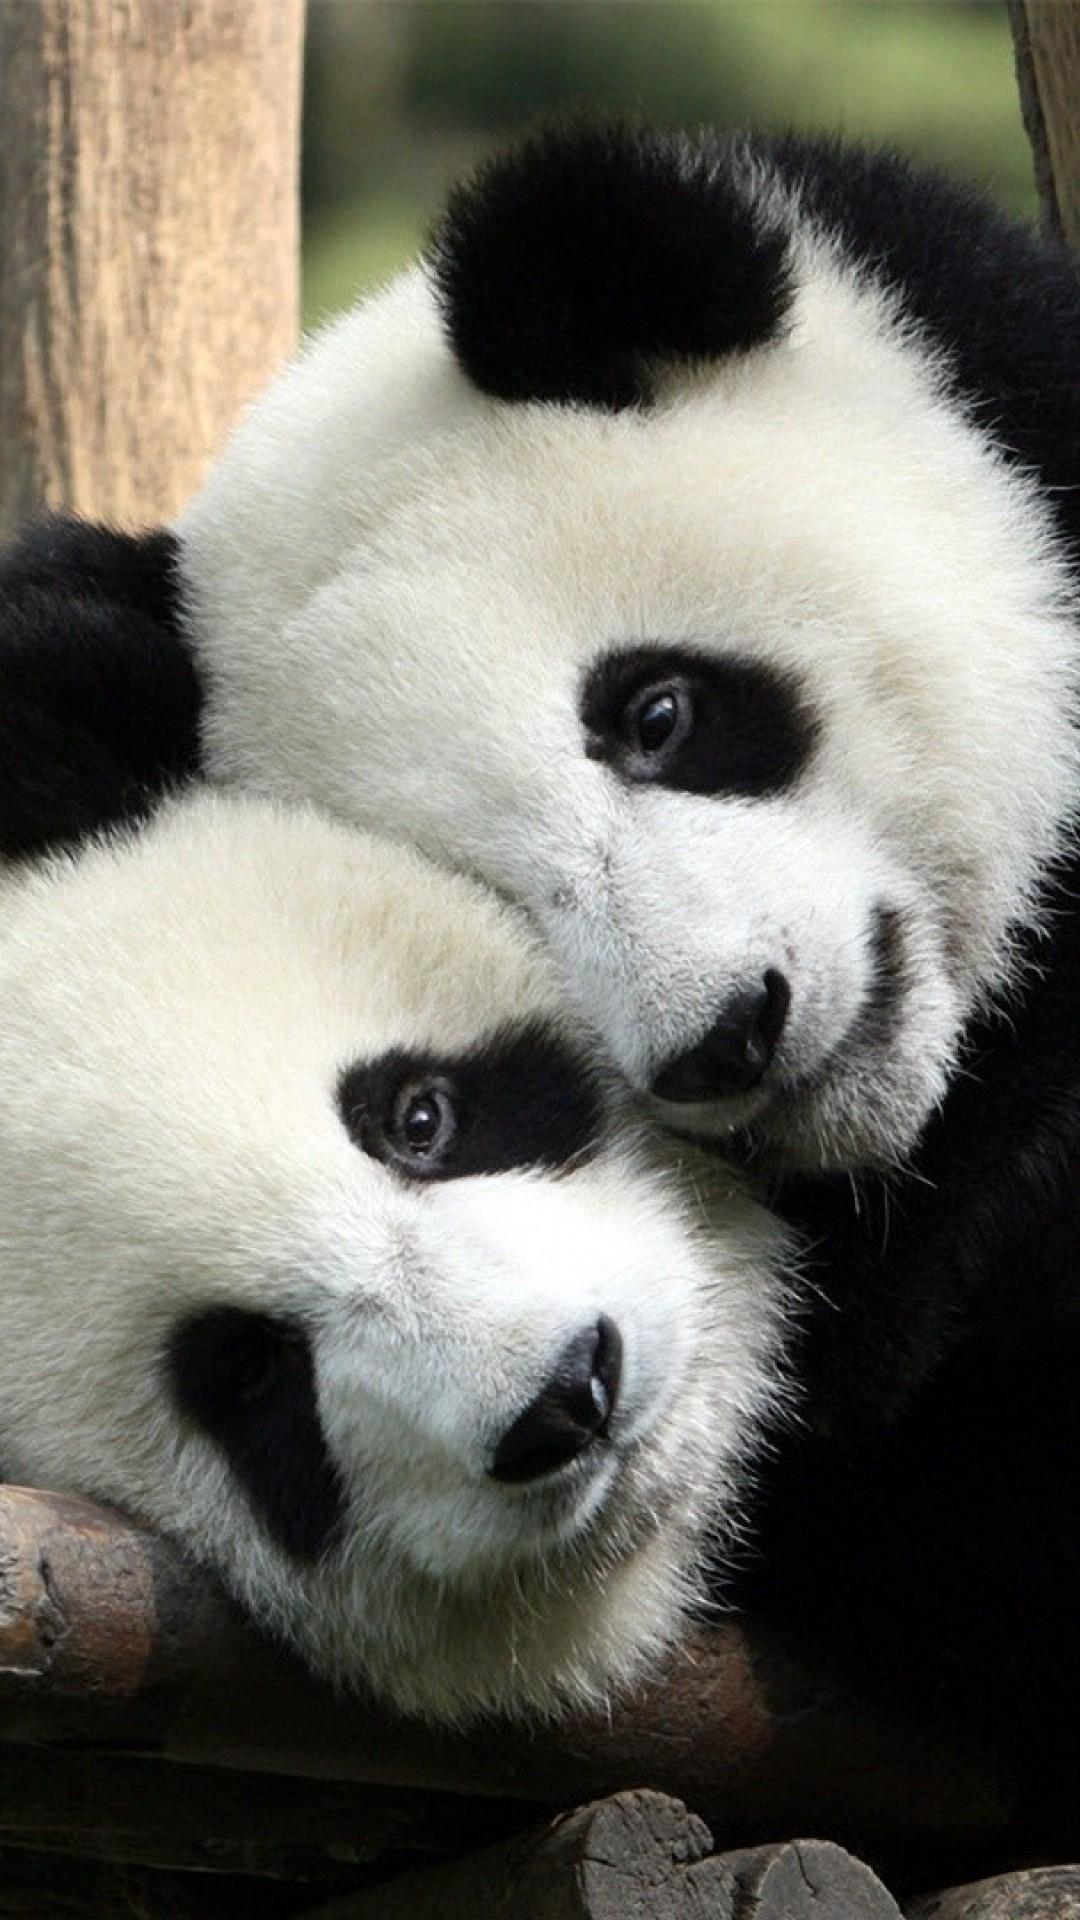 Real Panda Wallpaper - Cool Wallpapers